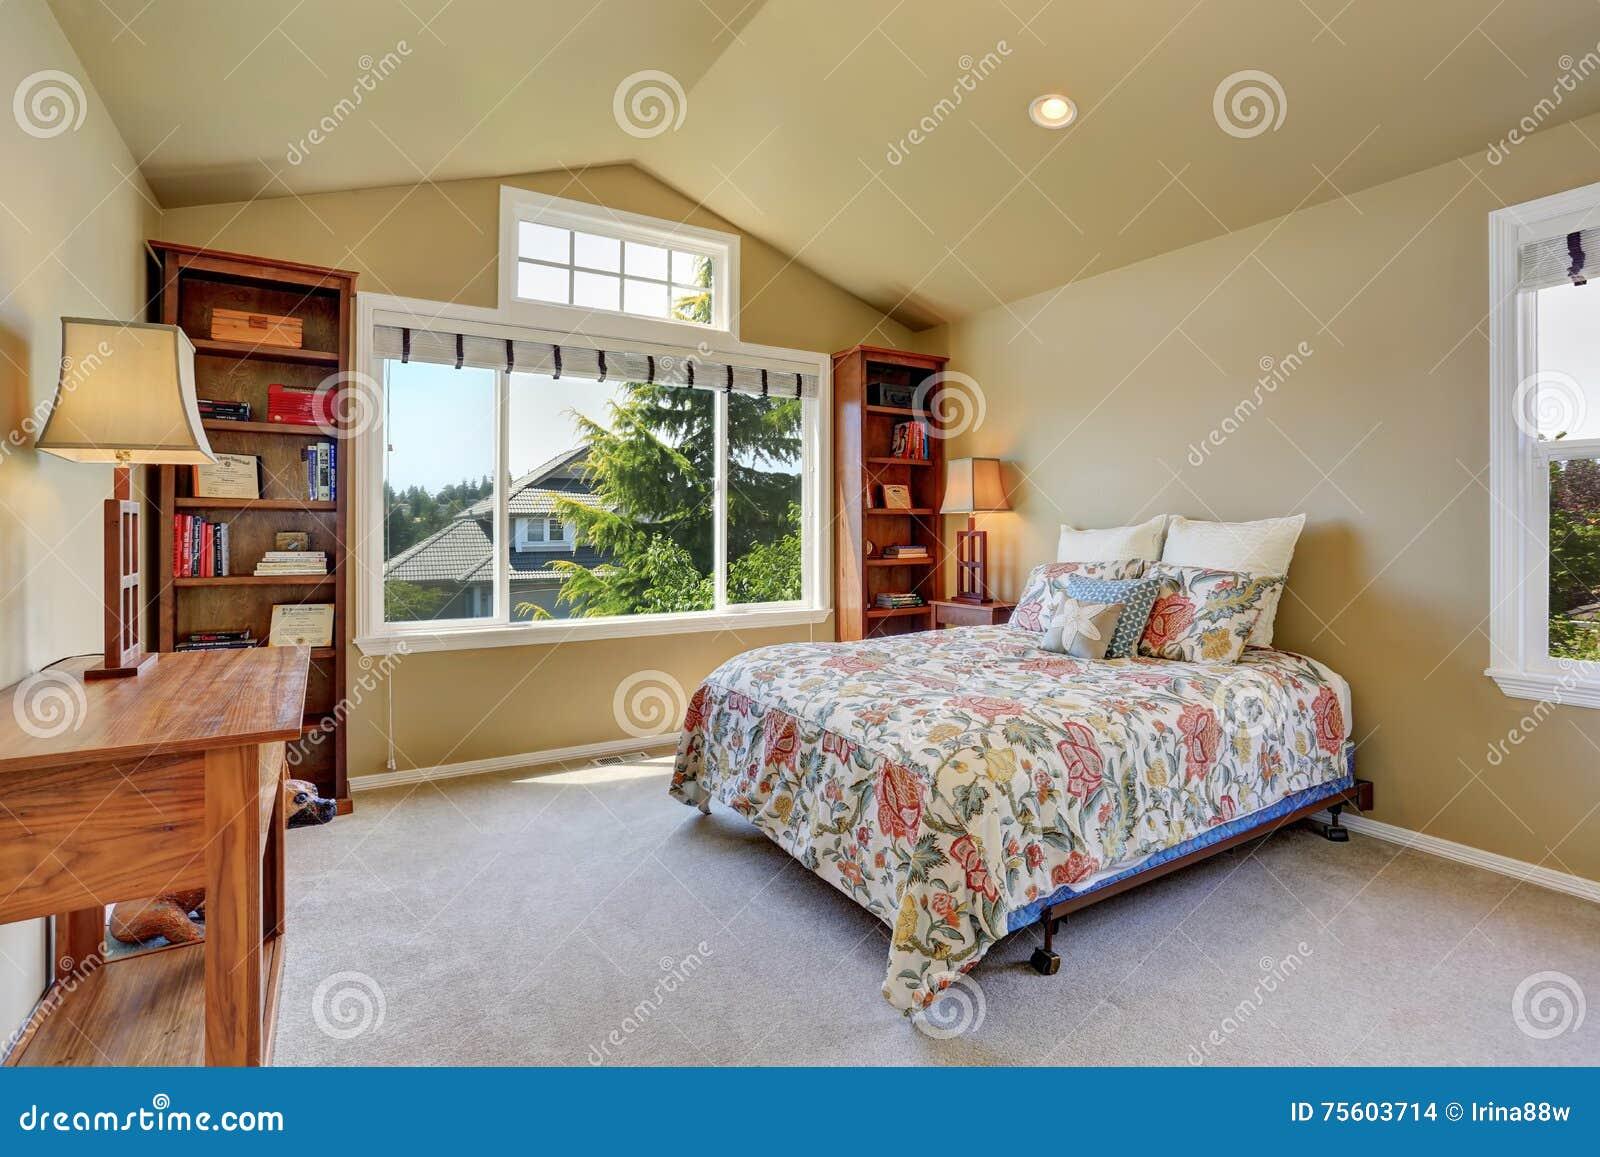 Färgrik säng och två bokfall i uppför trappan sovrum arkivfoto ...